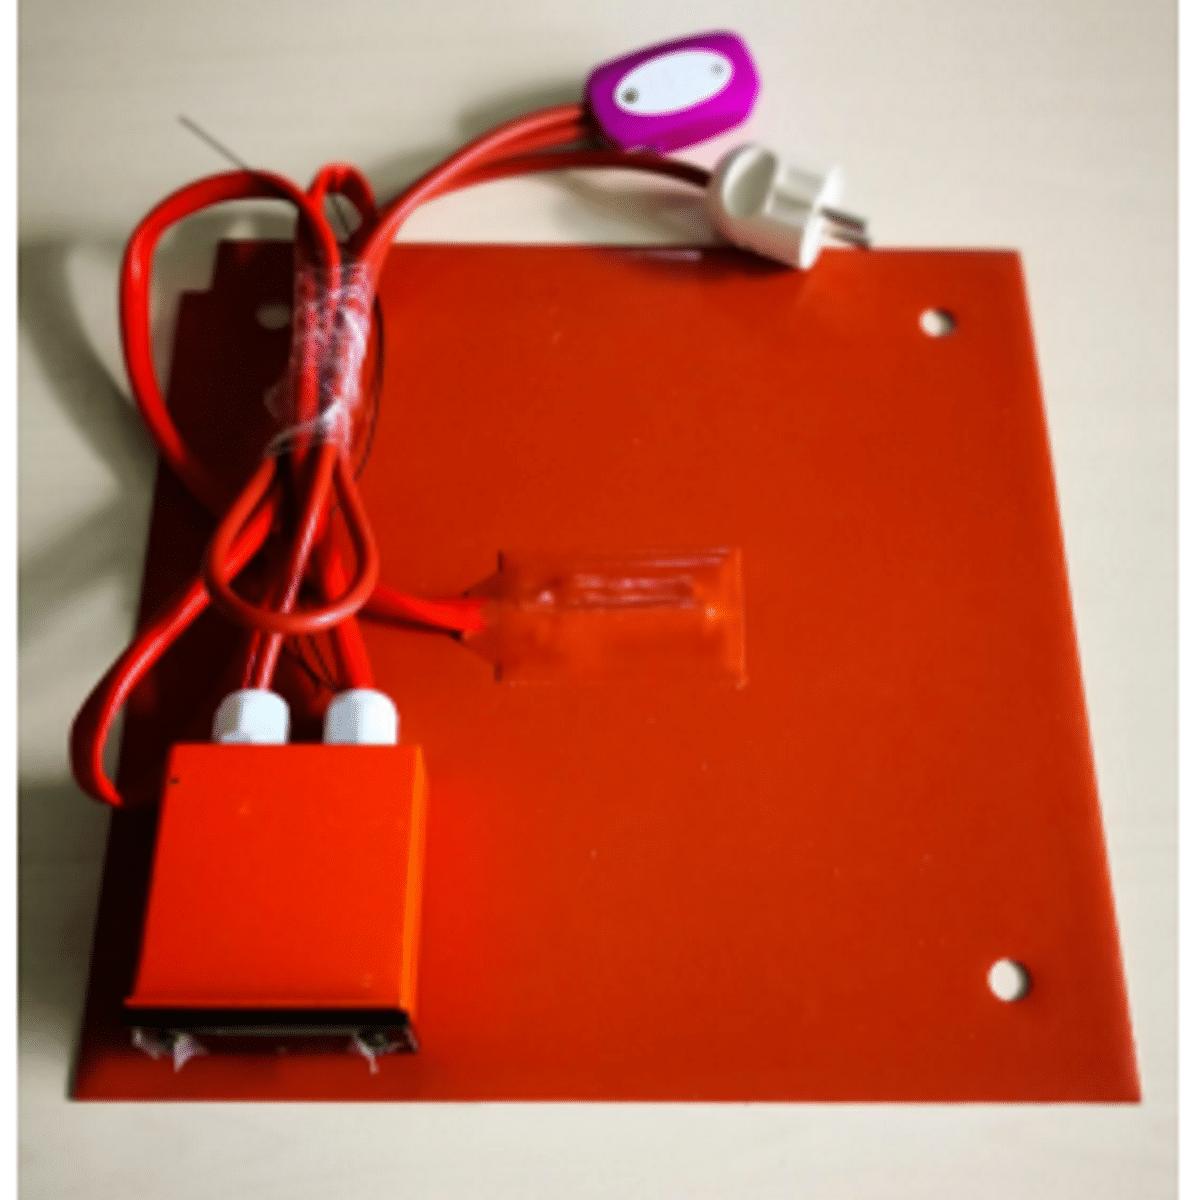 Billede af Print Bed Rubber Heater 308 x 308 mm